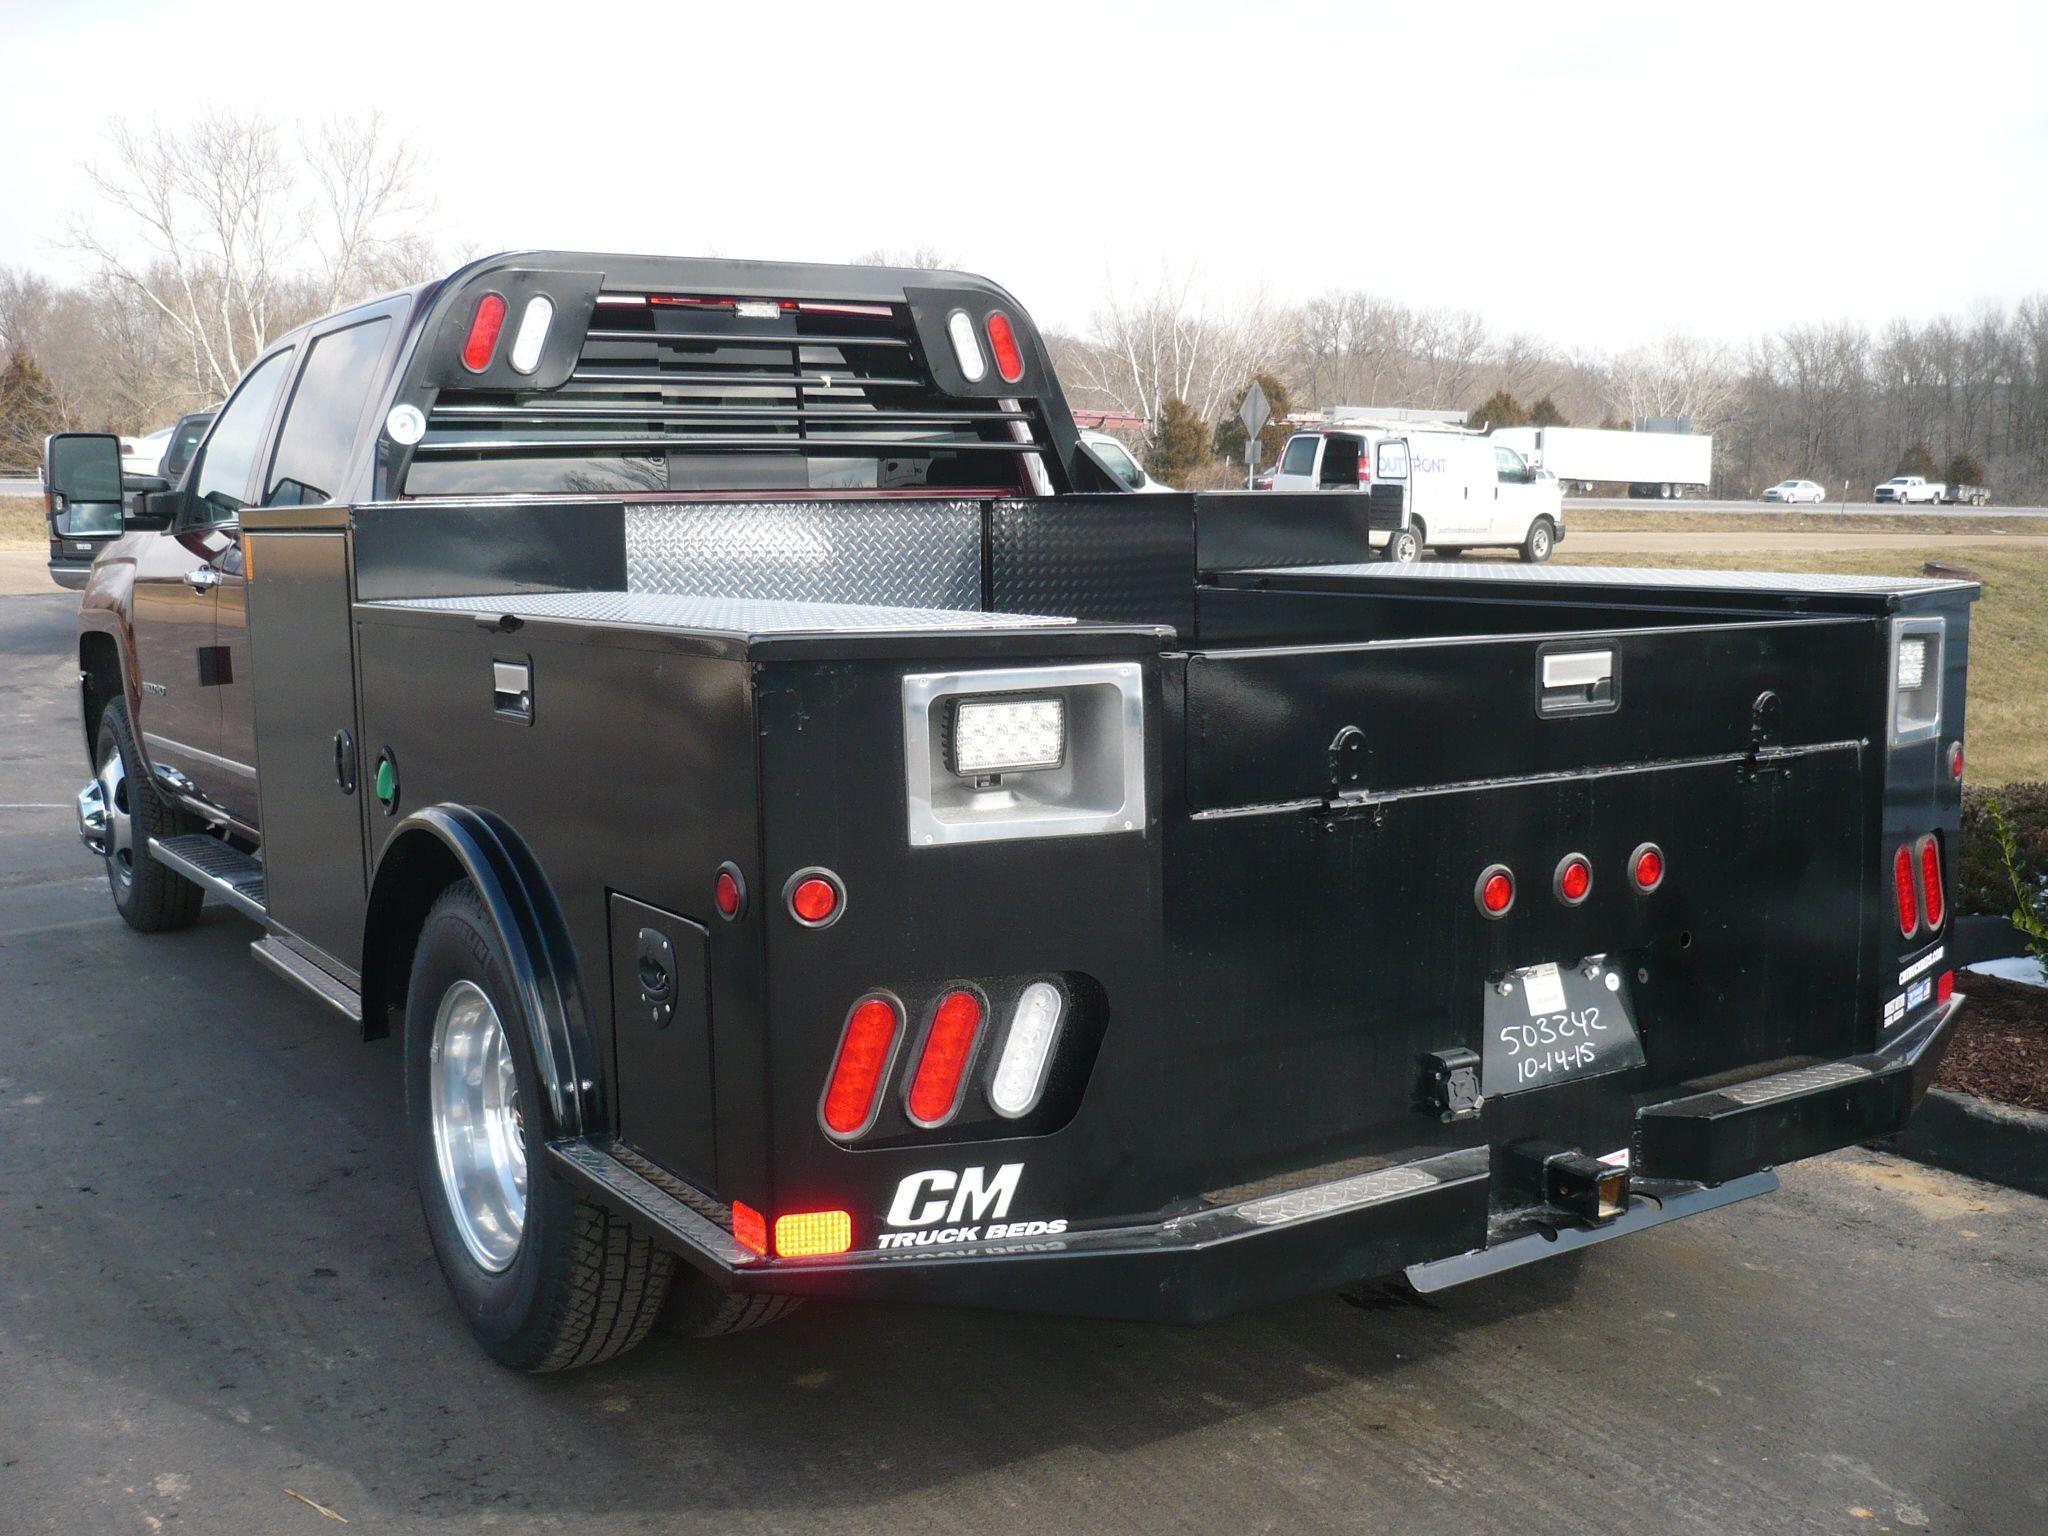 2016 Chevrolet 3500 with CM tm deluxe bed Custom truck beds